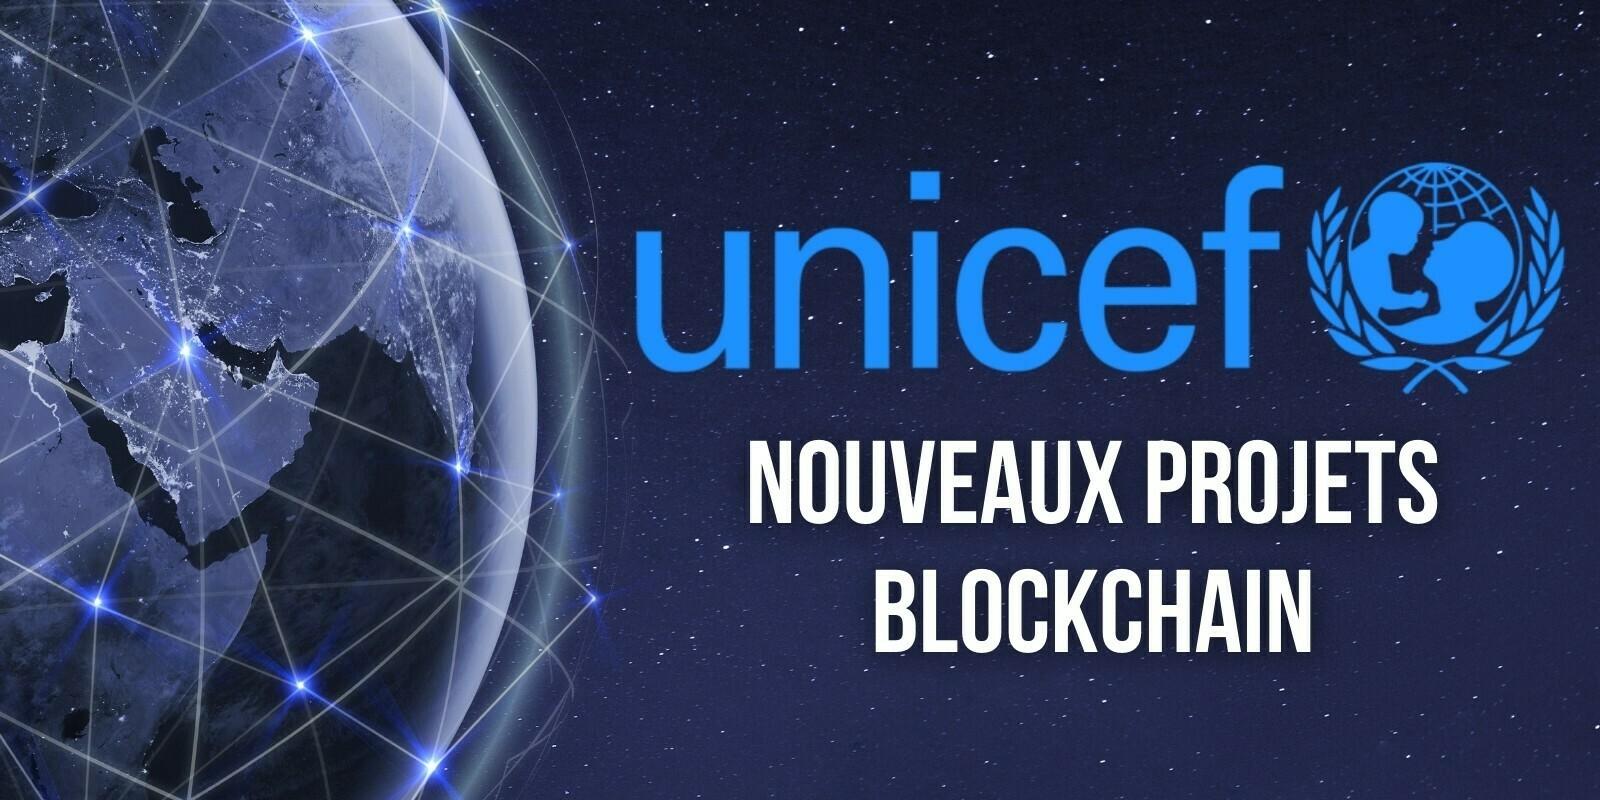 L'UNICEF distribue jusqu'à 100 000 dollars à des startups blockchain qui facilitent l'inclusion financière